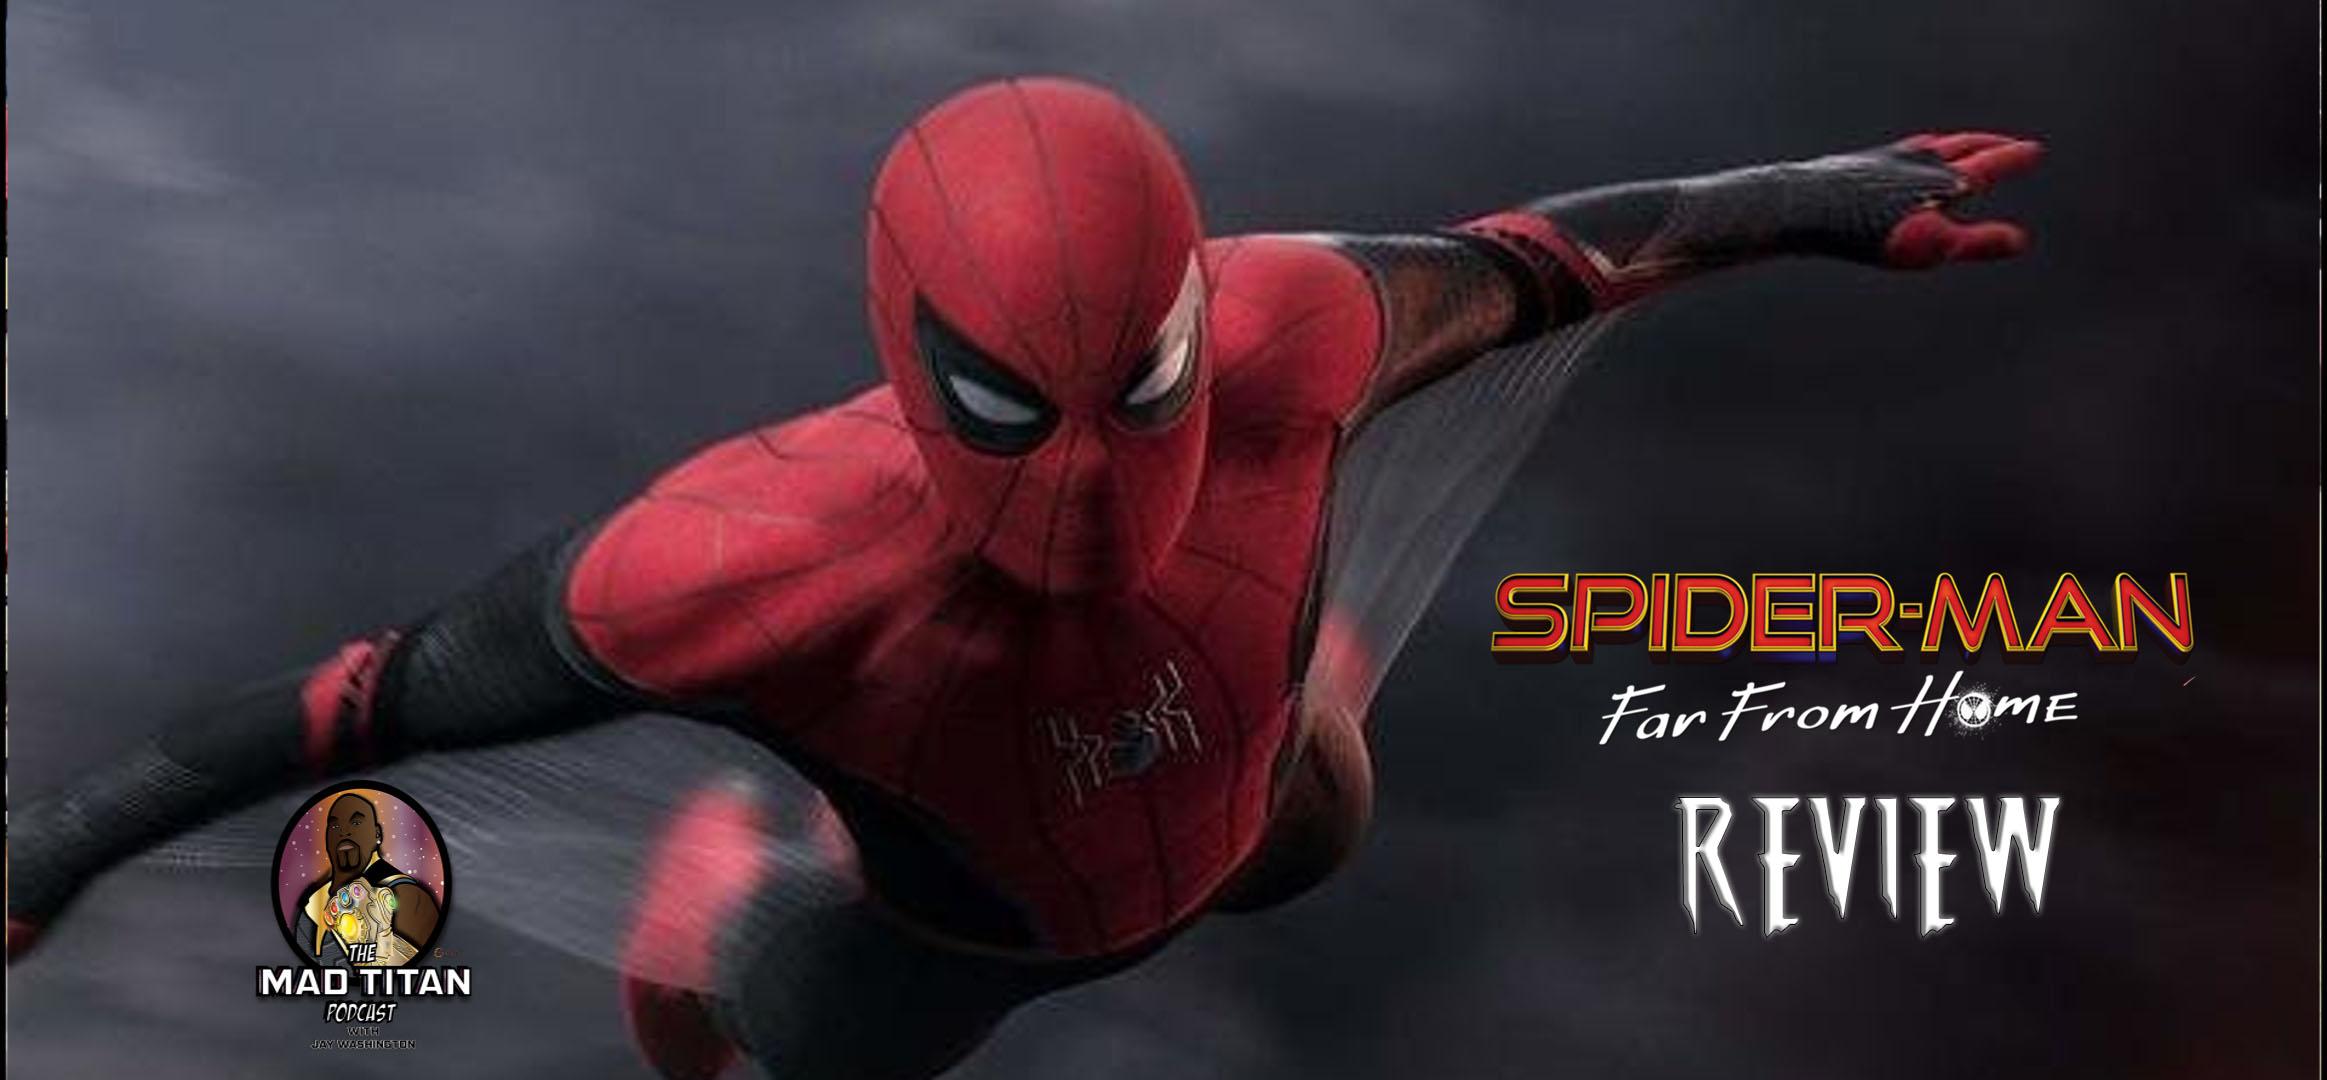 SpiderManthumb.jpg